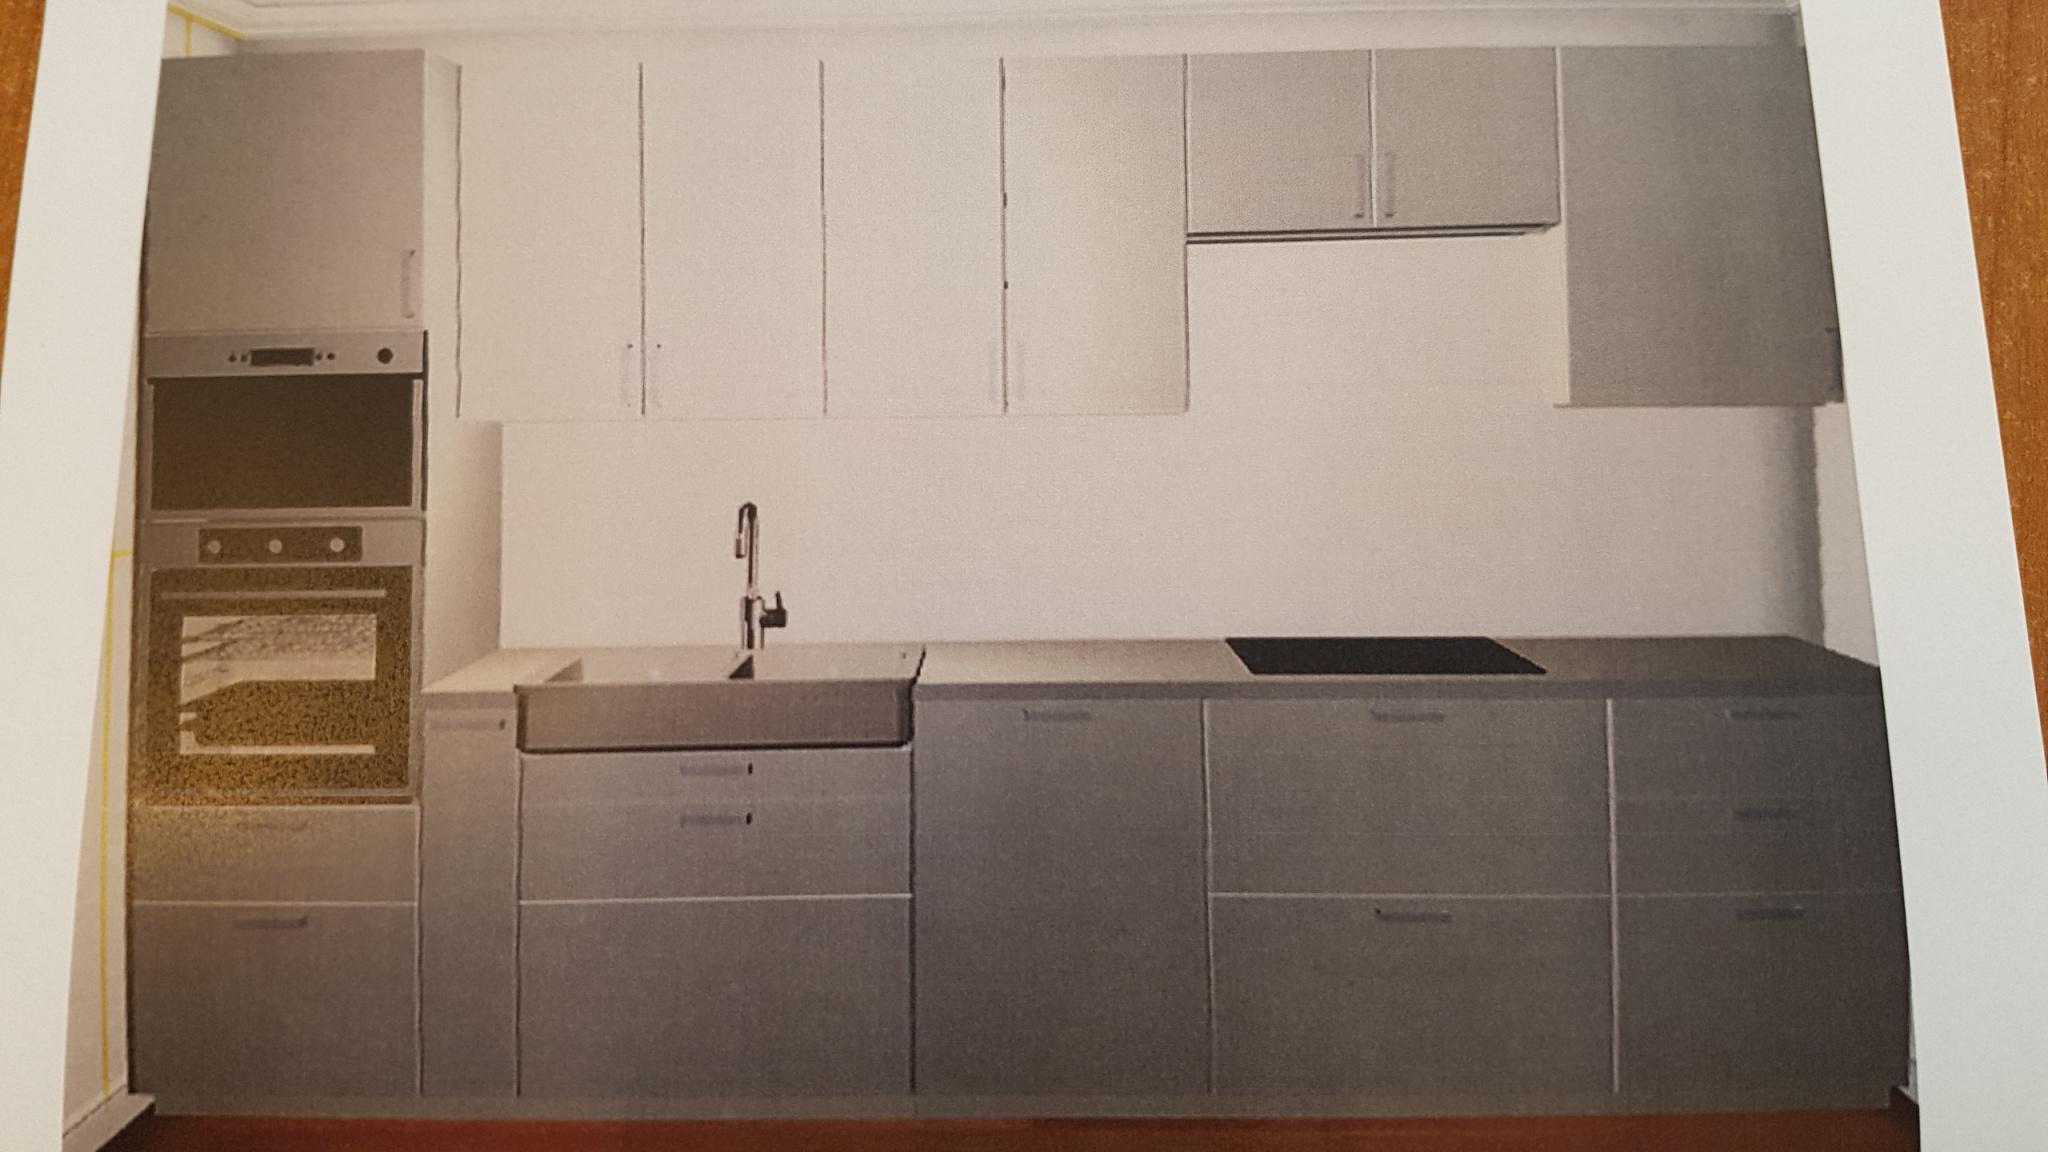 nouvelle cuisine qui a été installée